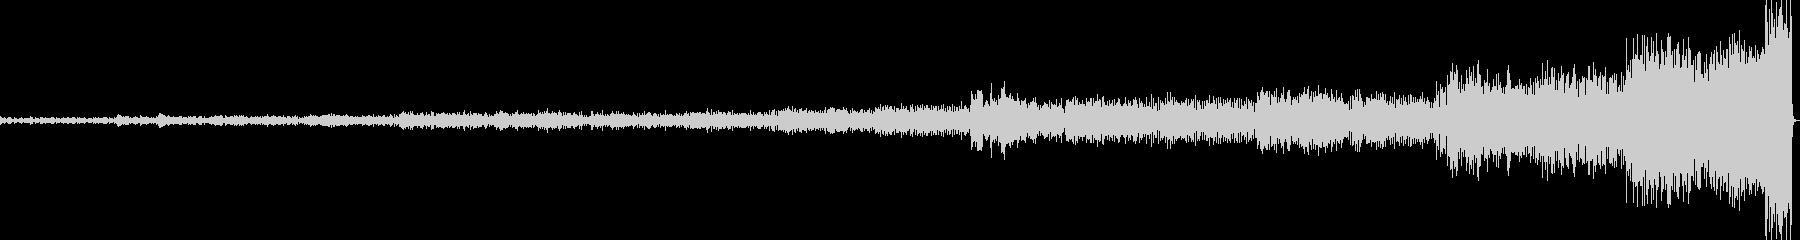 ラベル作曲 ボレロの未再生の波形